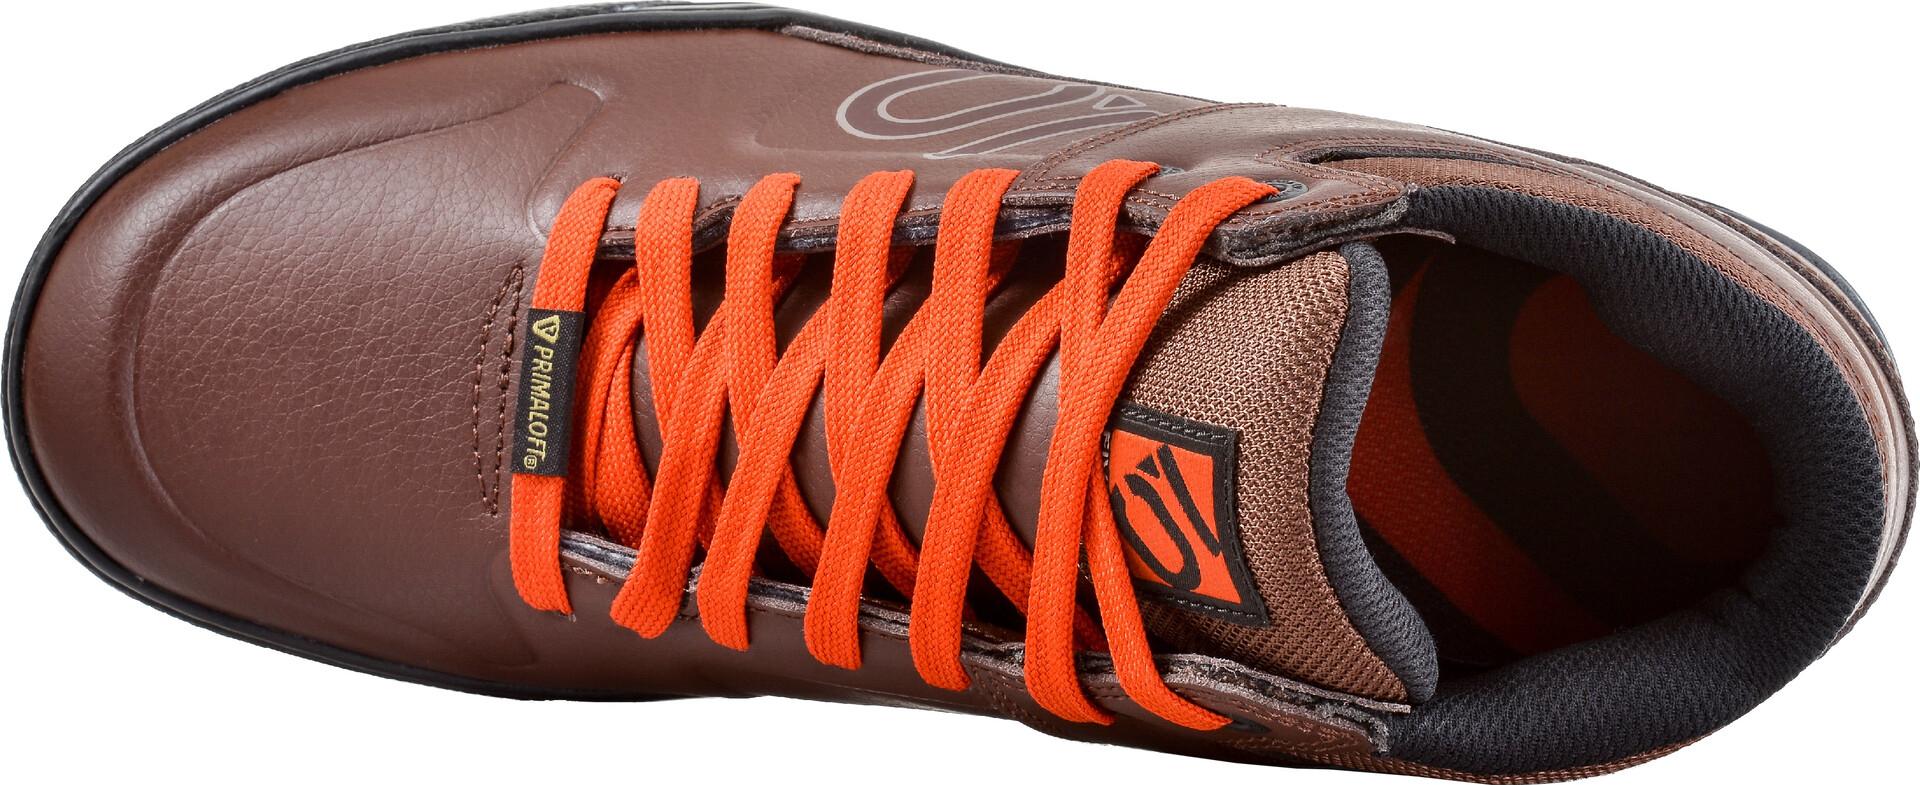 adidas Five Ten Freerider Eps High Schoenen Heren, auburn